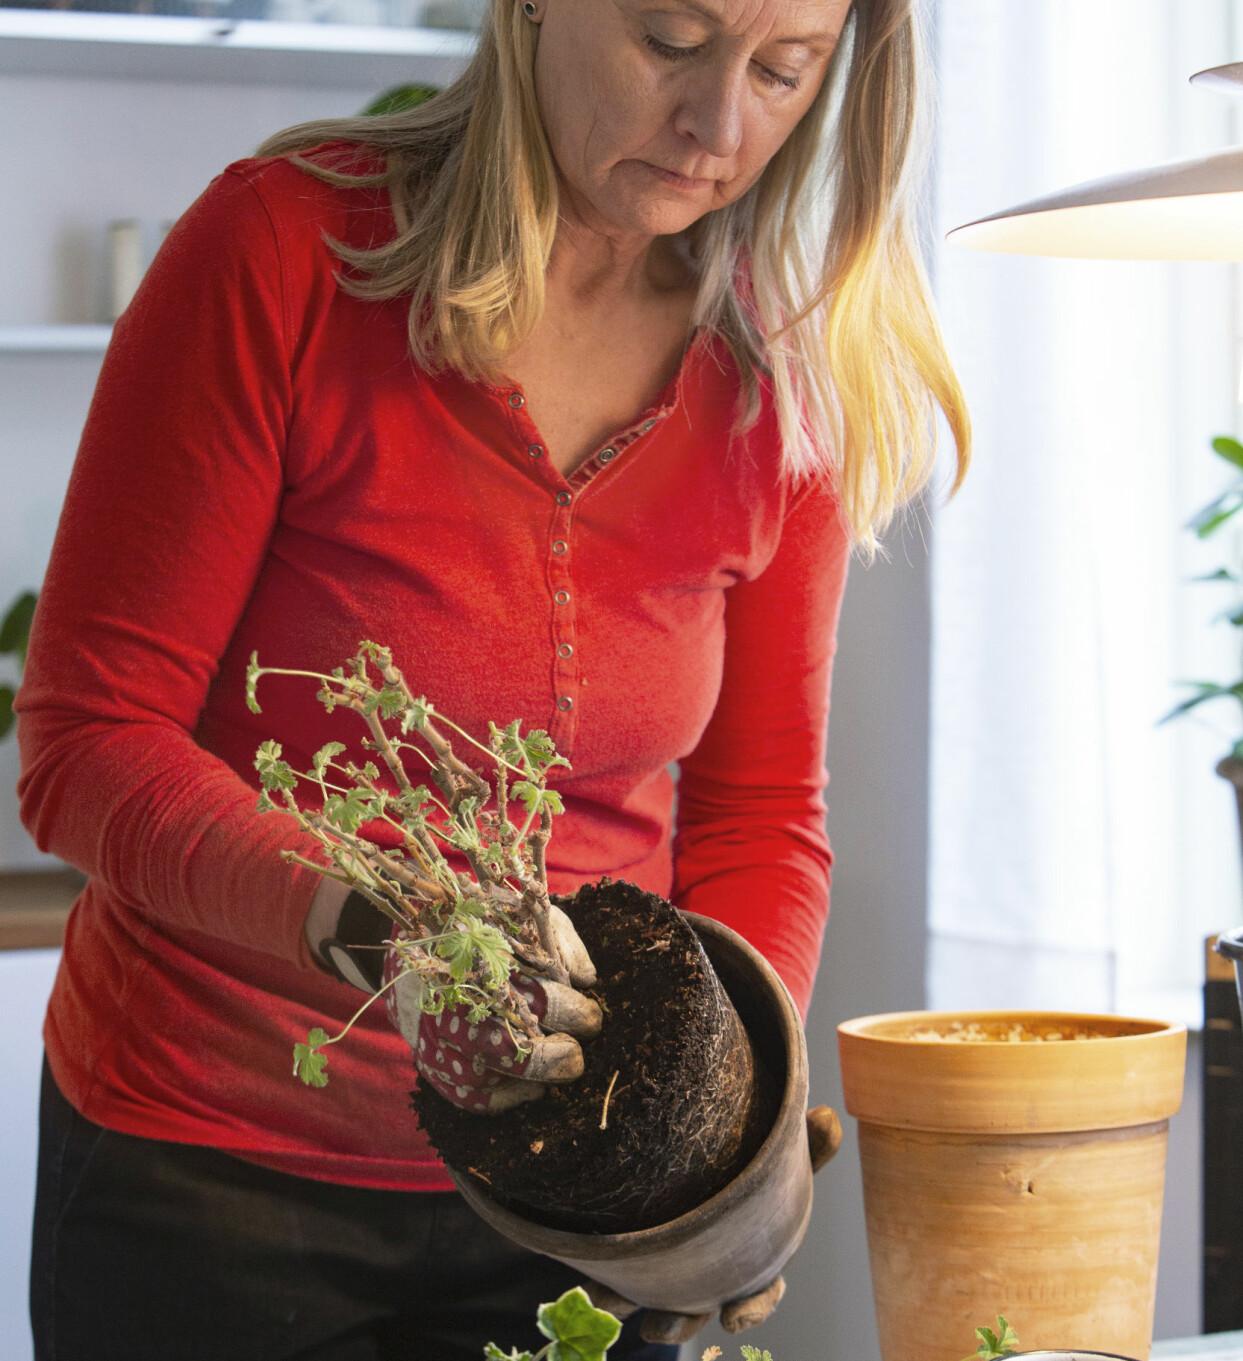 Kvinna kollar rötterna på pelargon.